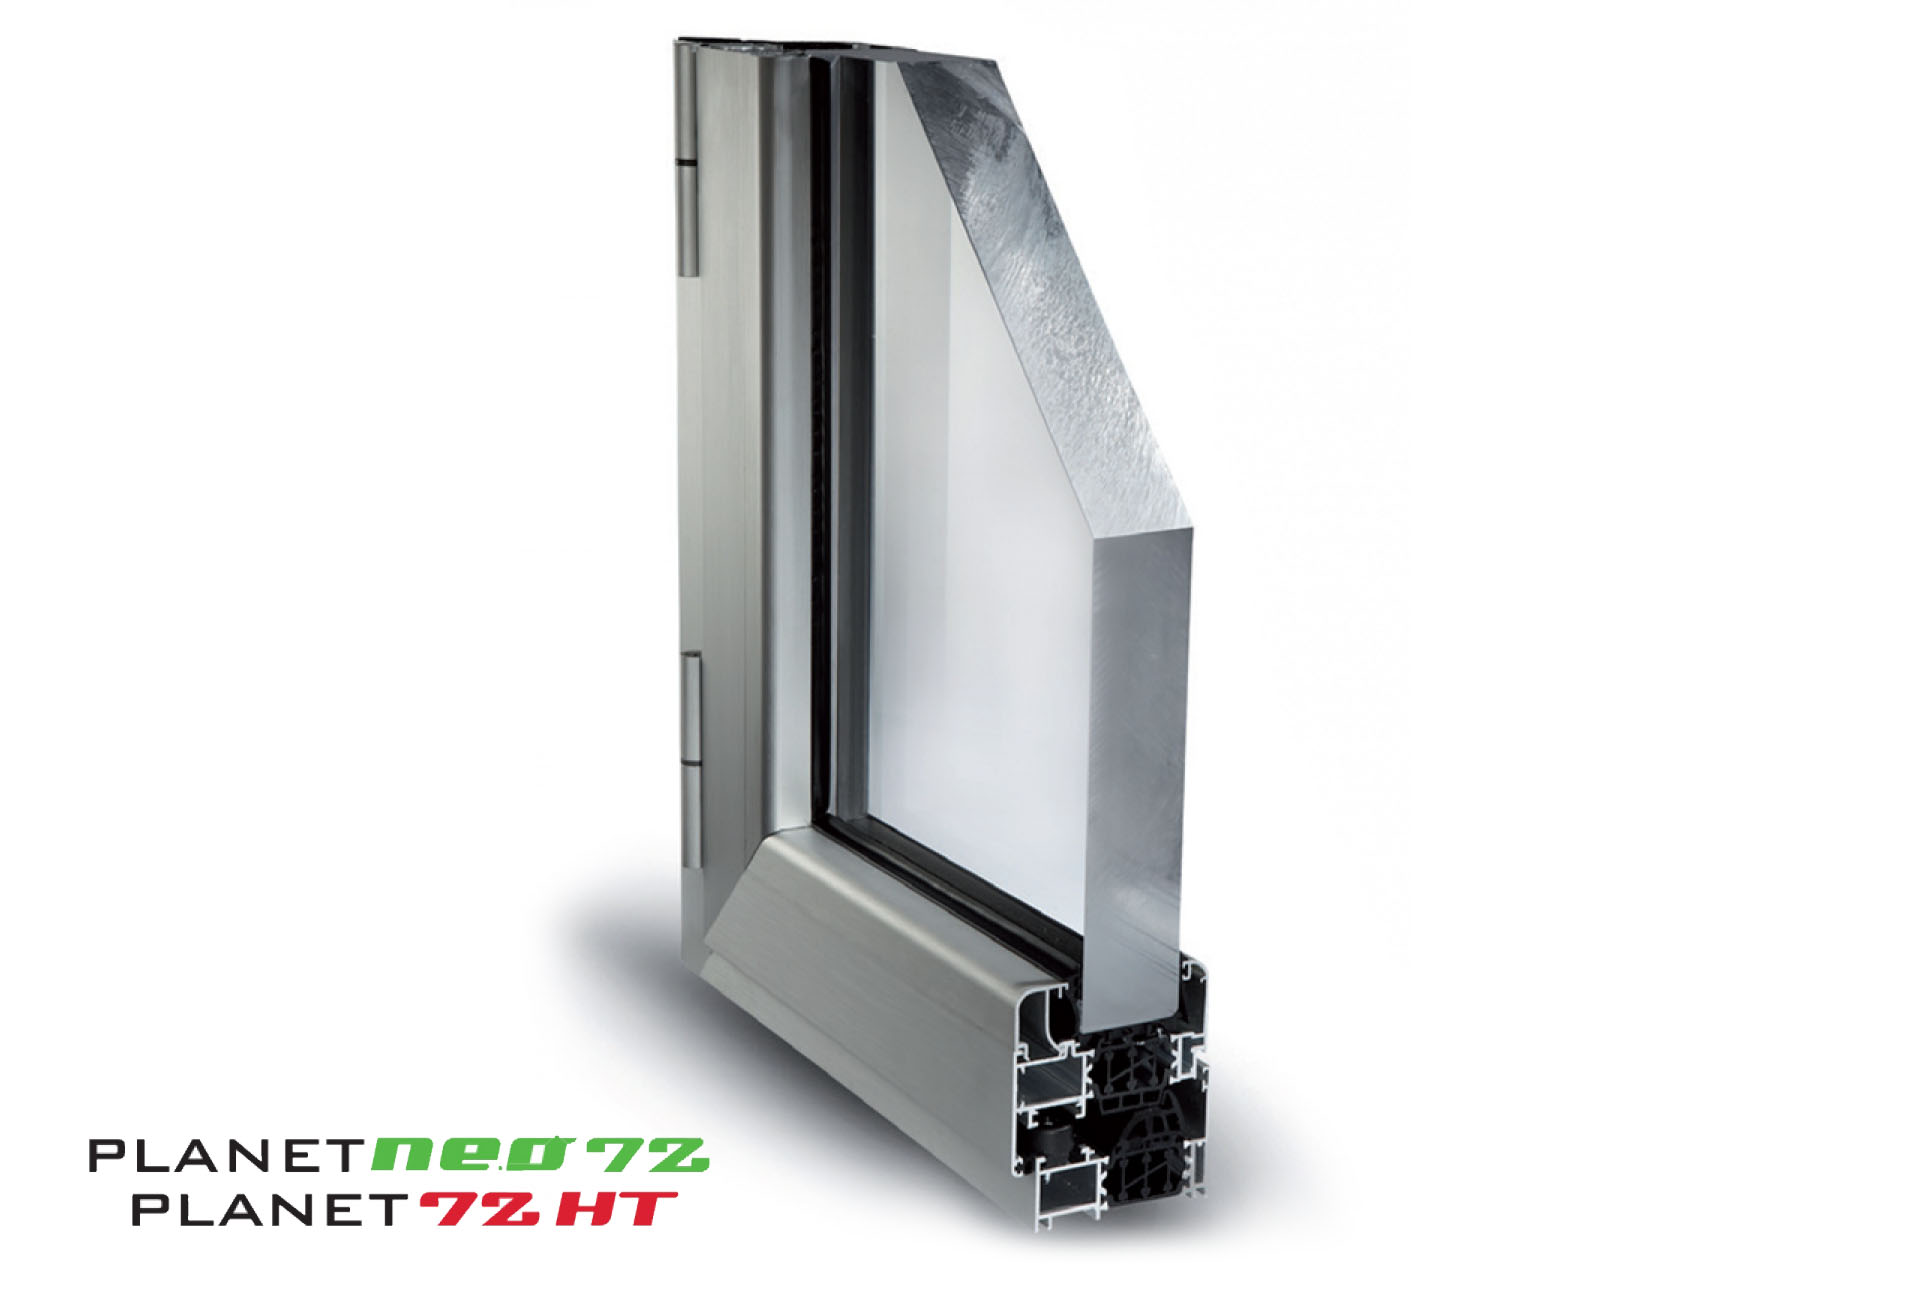 Planet 72HT profili alluminio a taglio termico